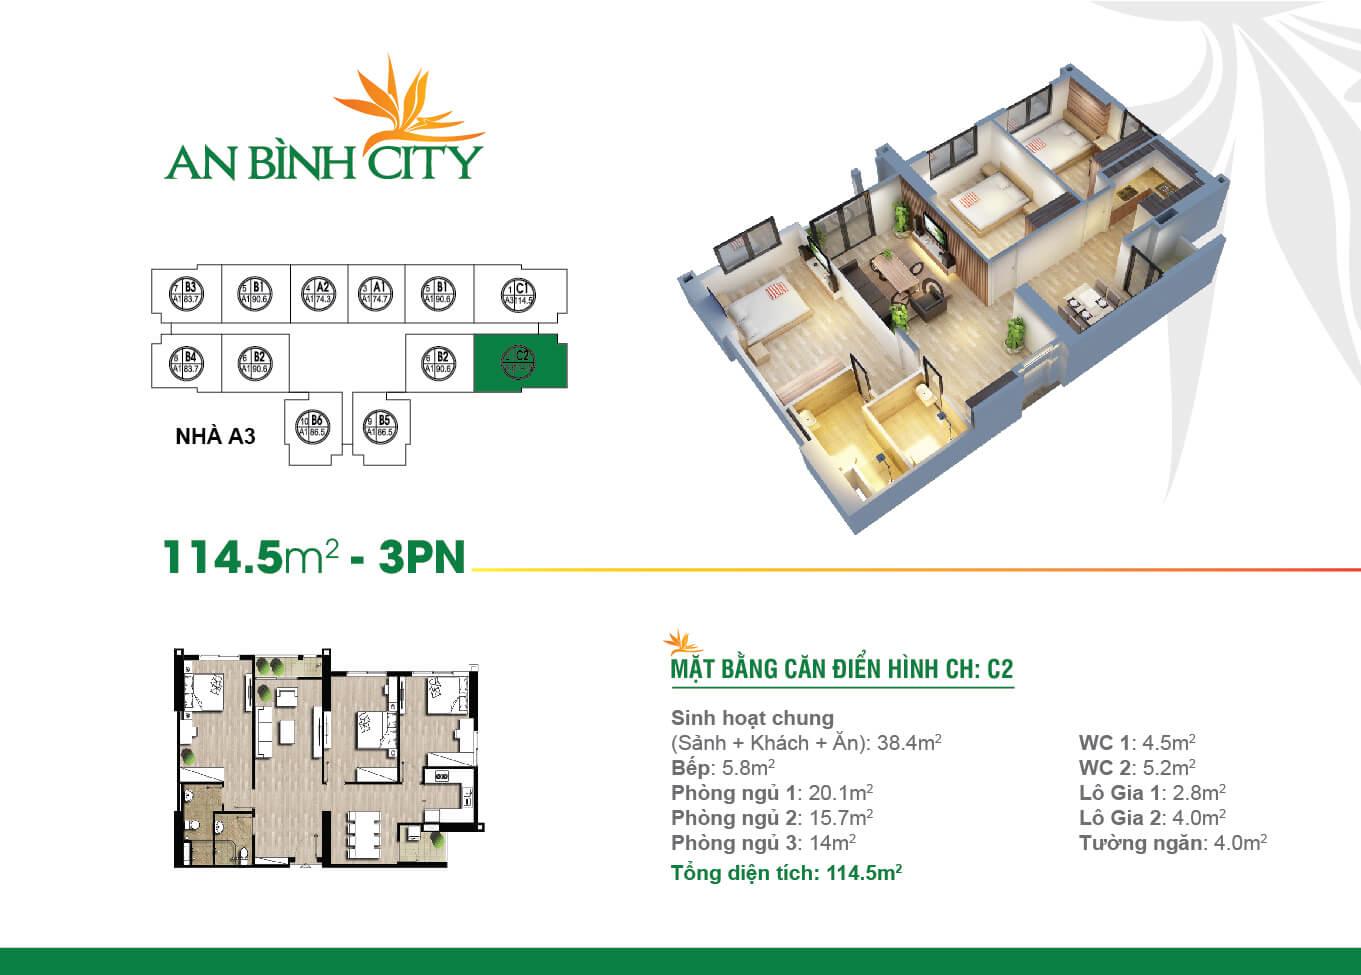 Thiết kế mặt bằng căn hộ 114,5 m2 - An Bình City